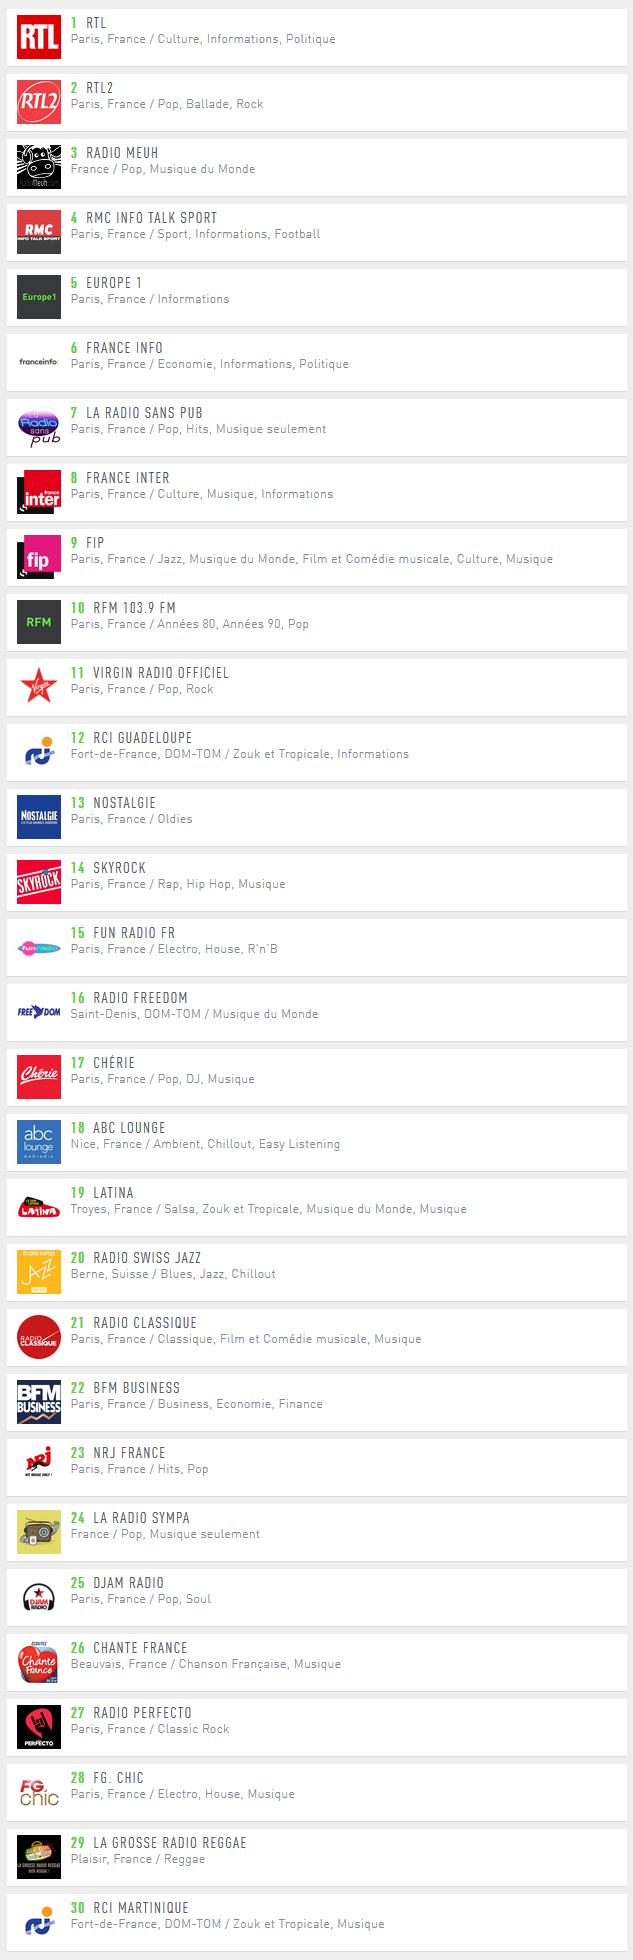 Voici le classement des 30 radios digitales les plus diffusées sur la plate-forme Radio.fr pour le mois de Juillet 2018.